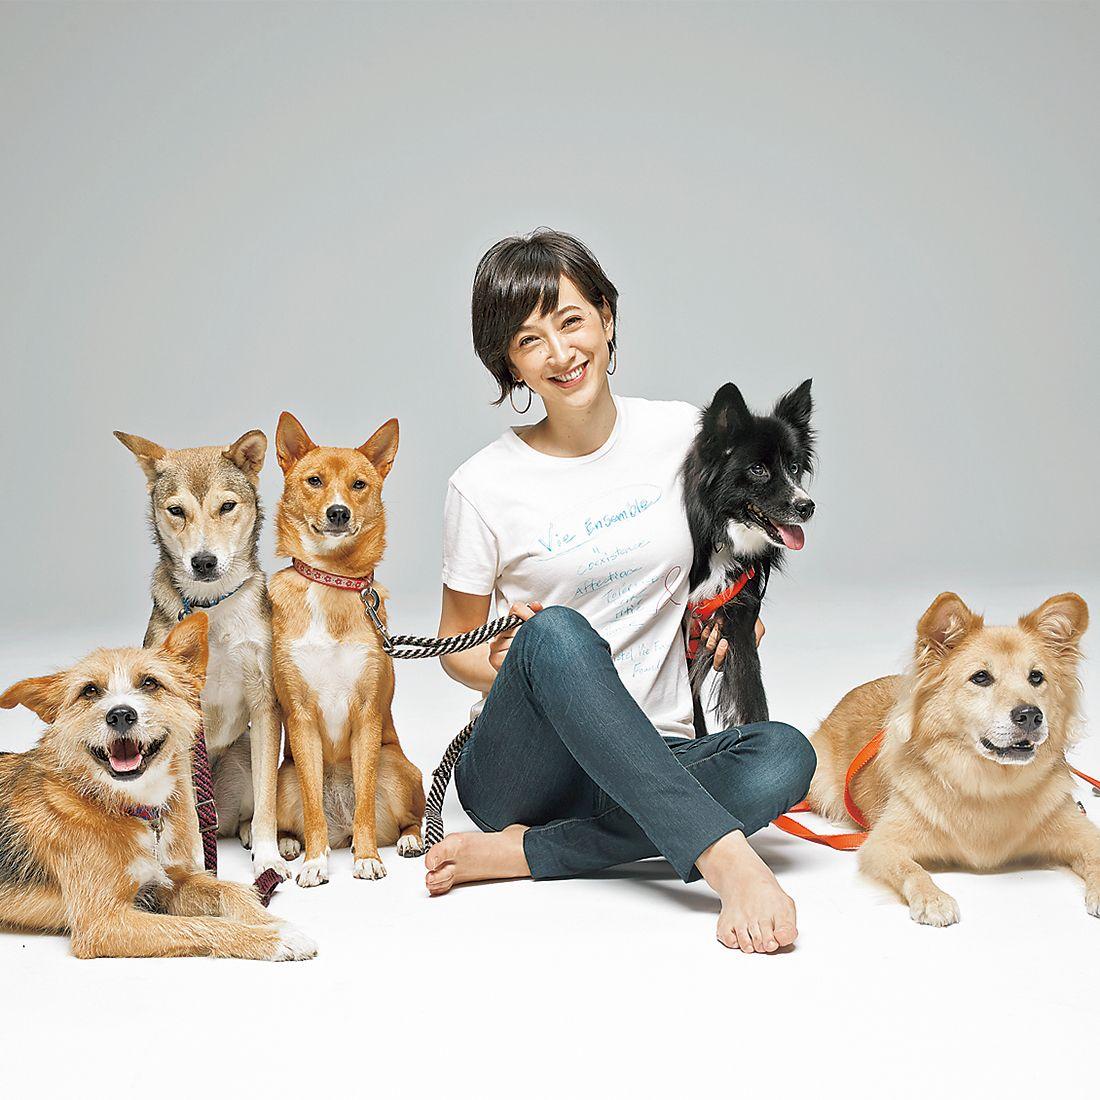 クリステル・ヴィ・アンサンブルで関わっている犬たちtp